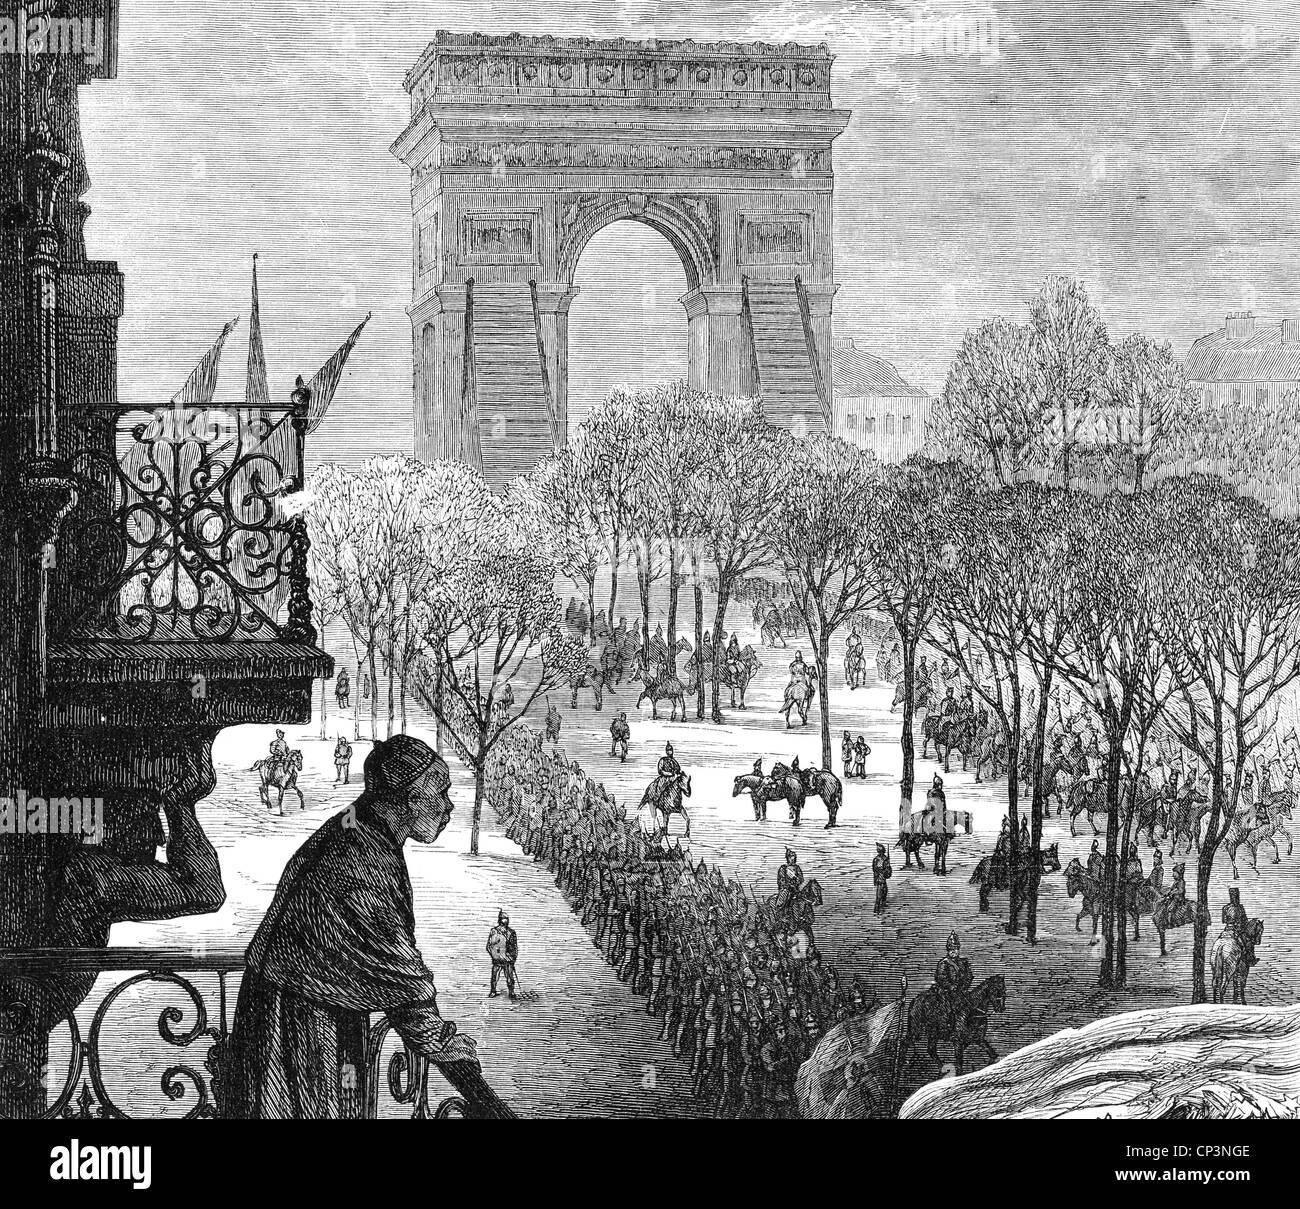 Veranstaltungen, preußisch-französischen Krieg 1870-1871, Besetzung von Paris, die deutschen Truppen in die Stadt, Stockfoto